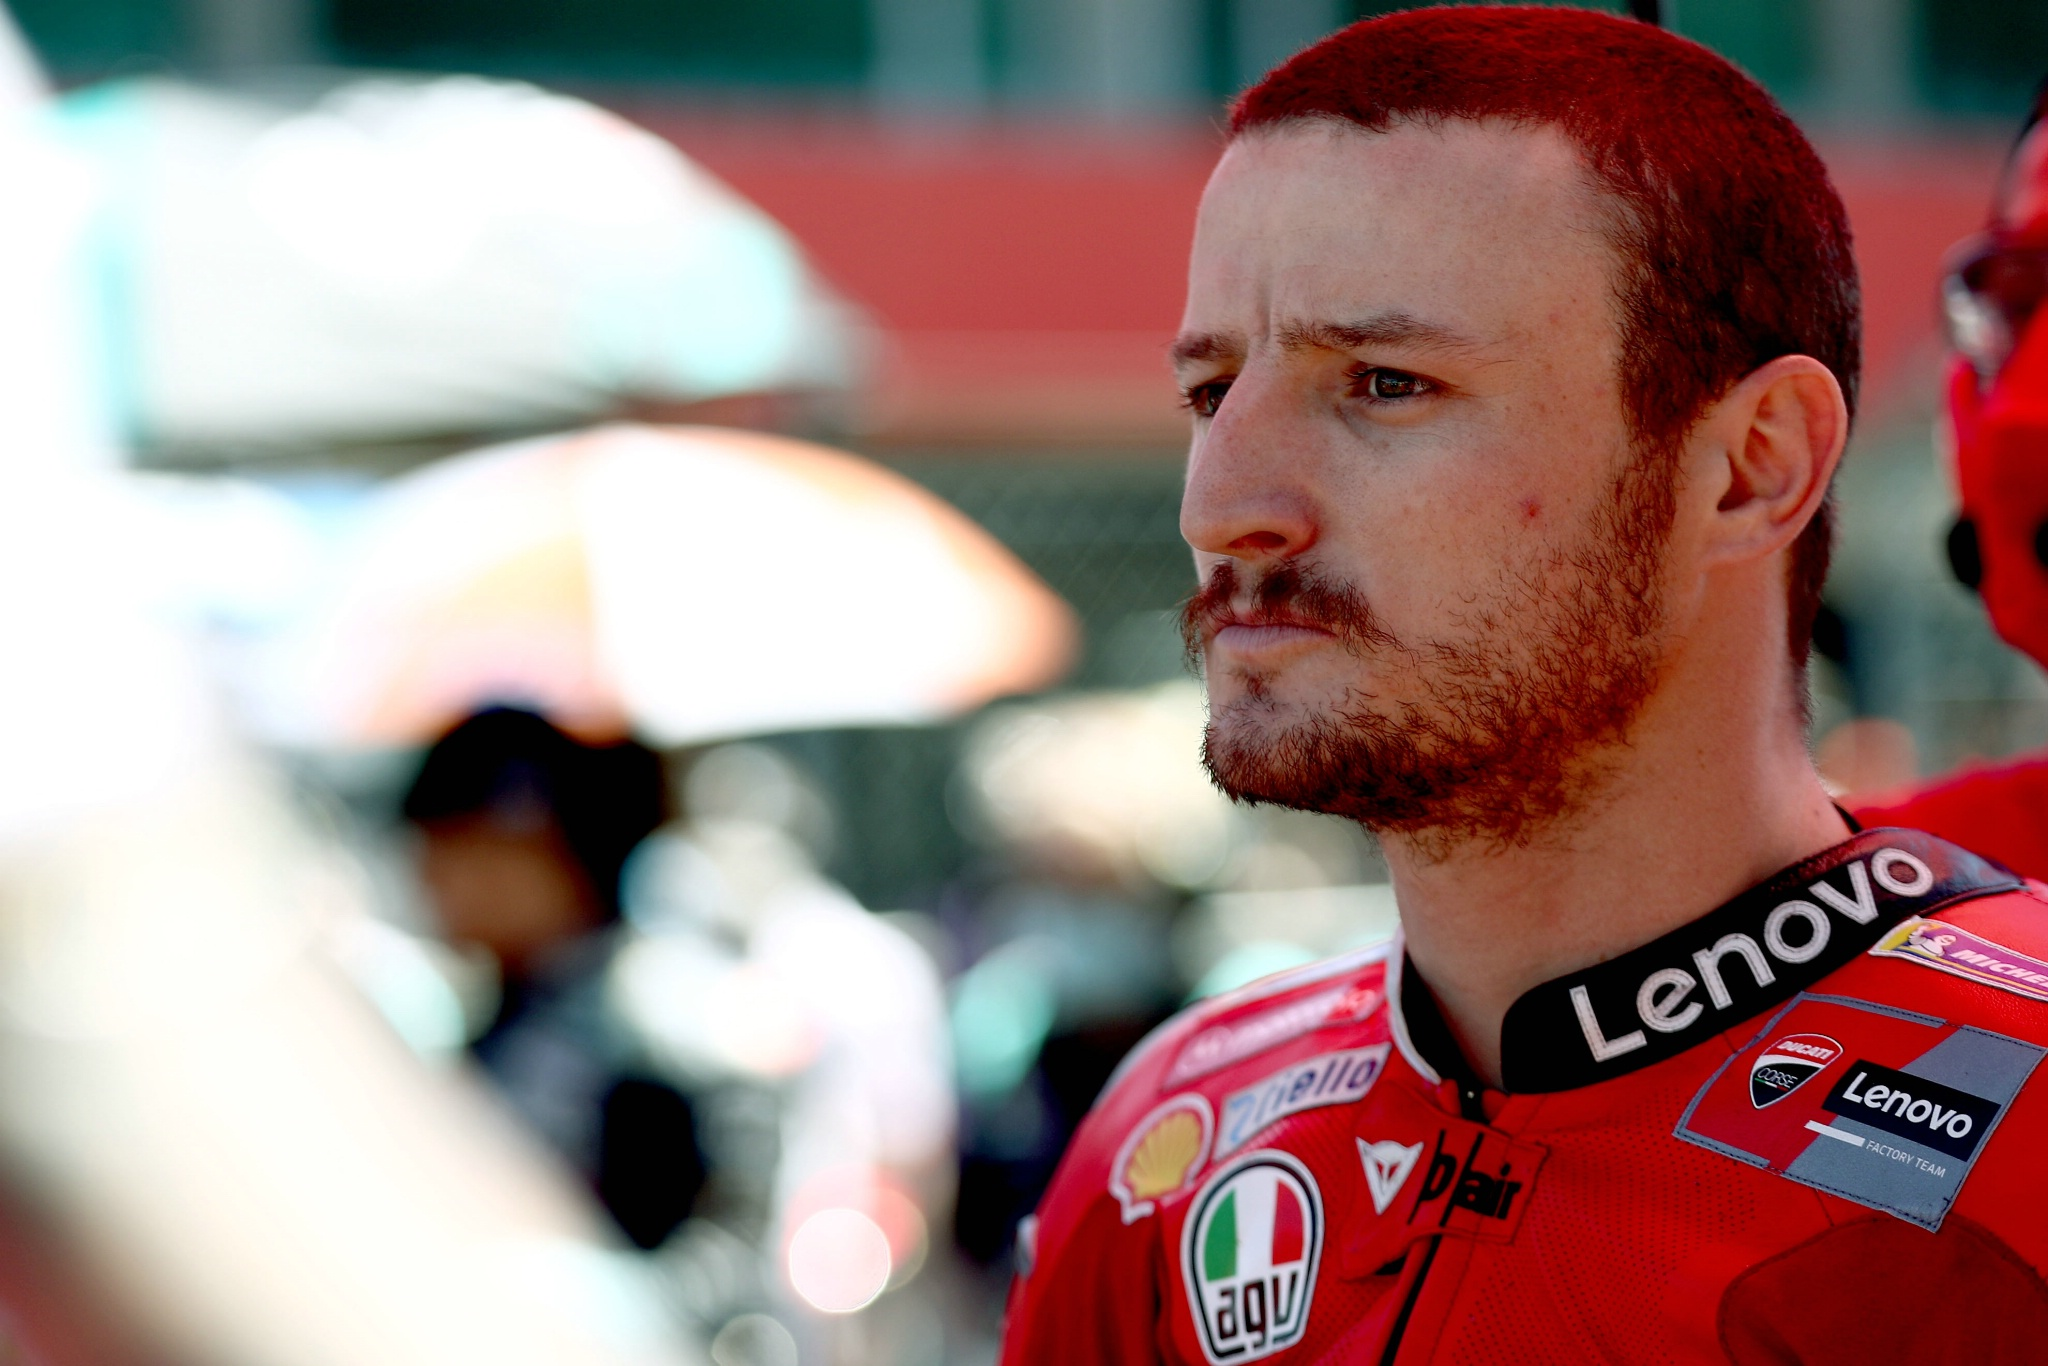 Jack Miller MotoGP race, Portuguese MotoGP. 18 April 2021